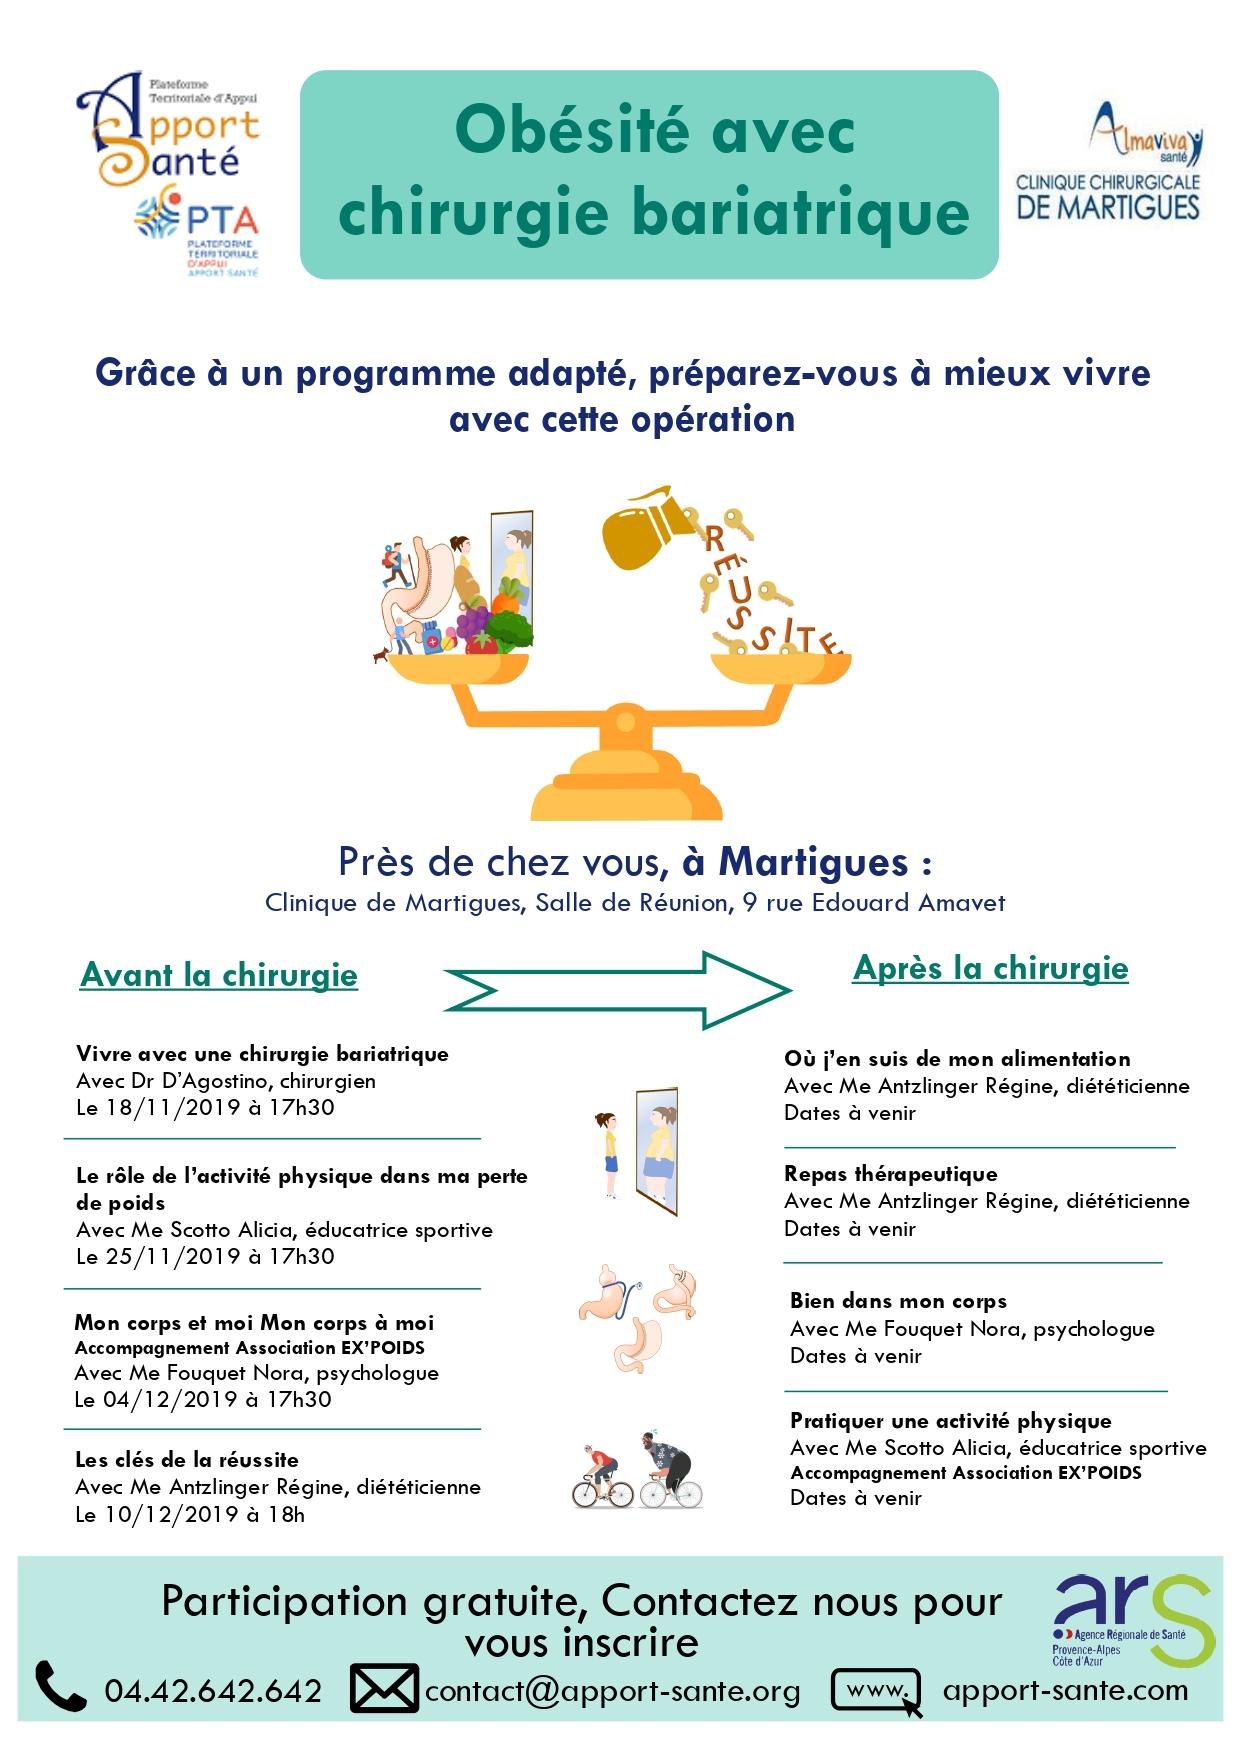 Obésité - Programme Apport Santé